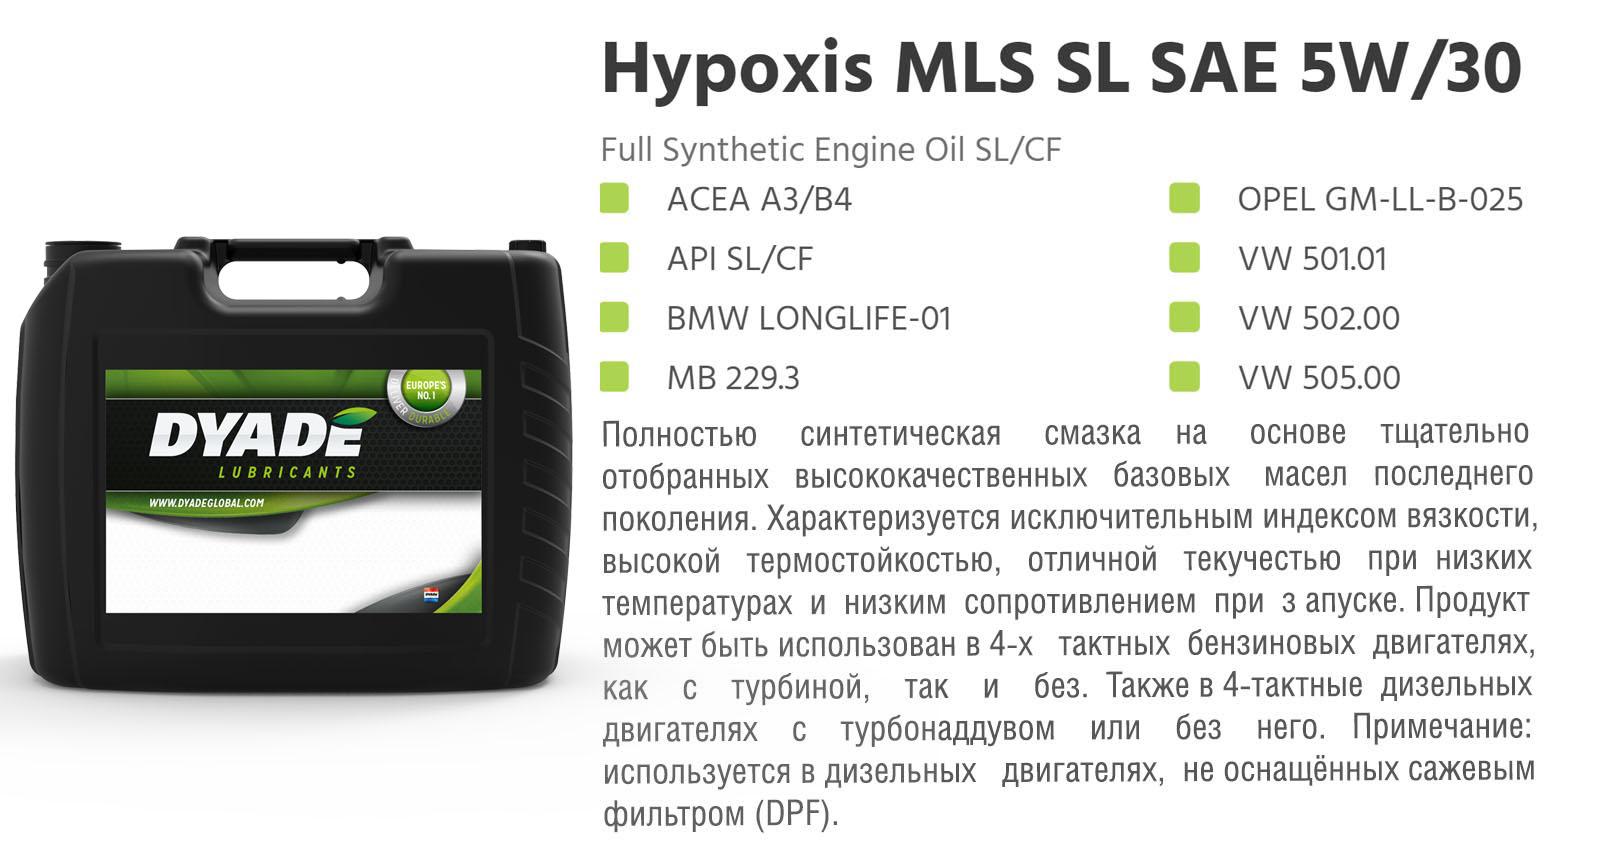 Масло моторное Hypoxis MLS SL SAE 5W30 (1L) 572897 dyadelubricants